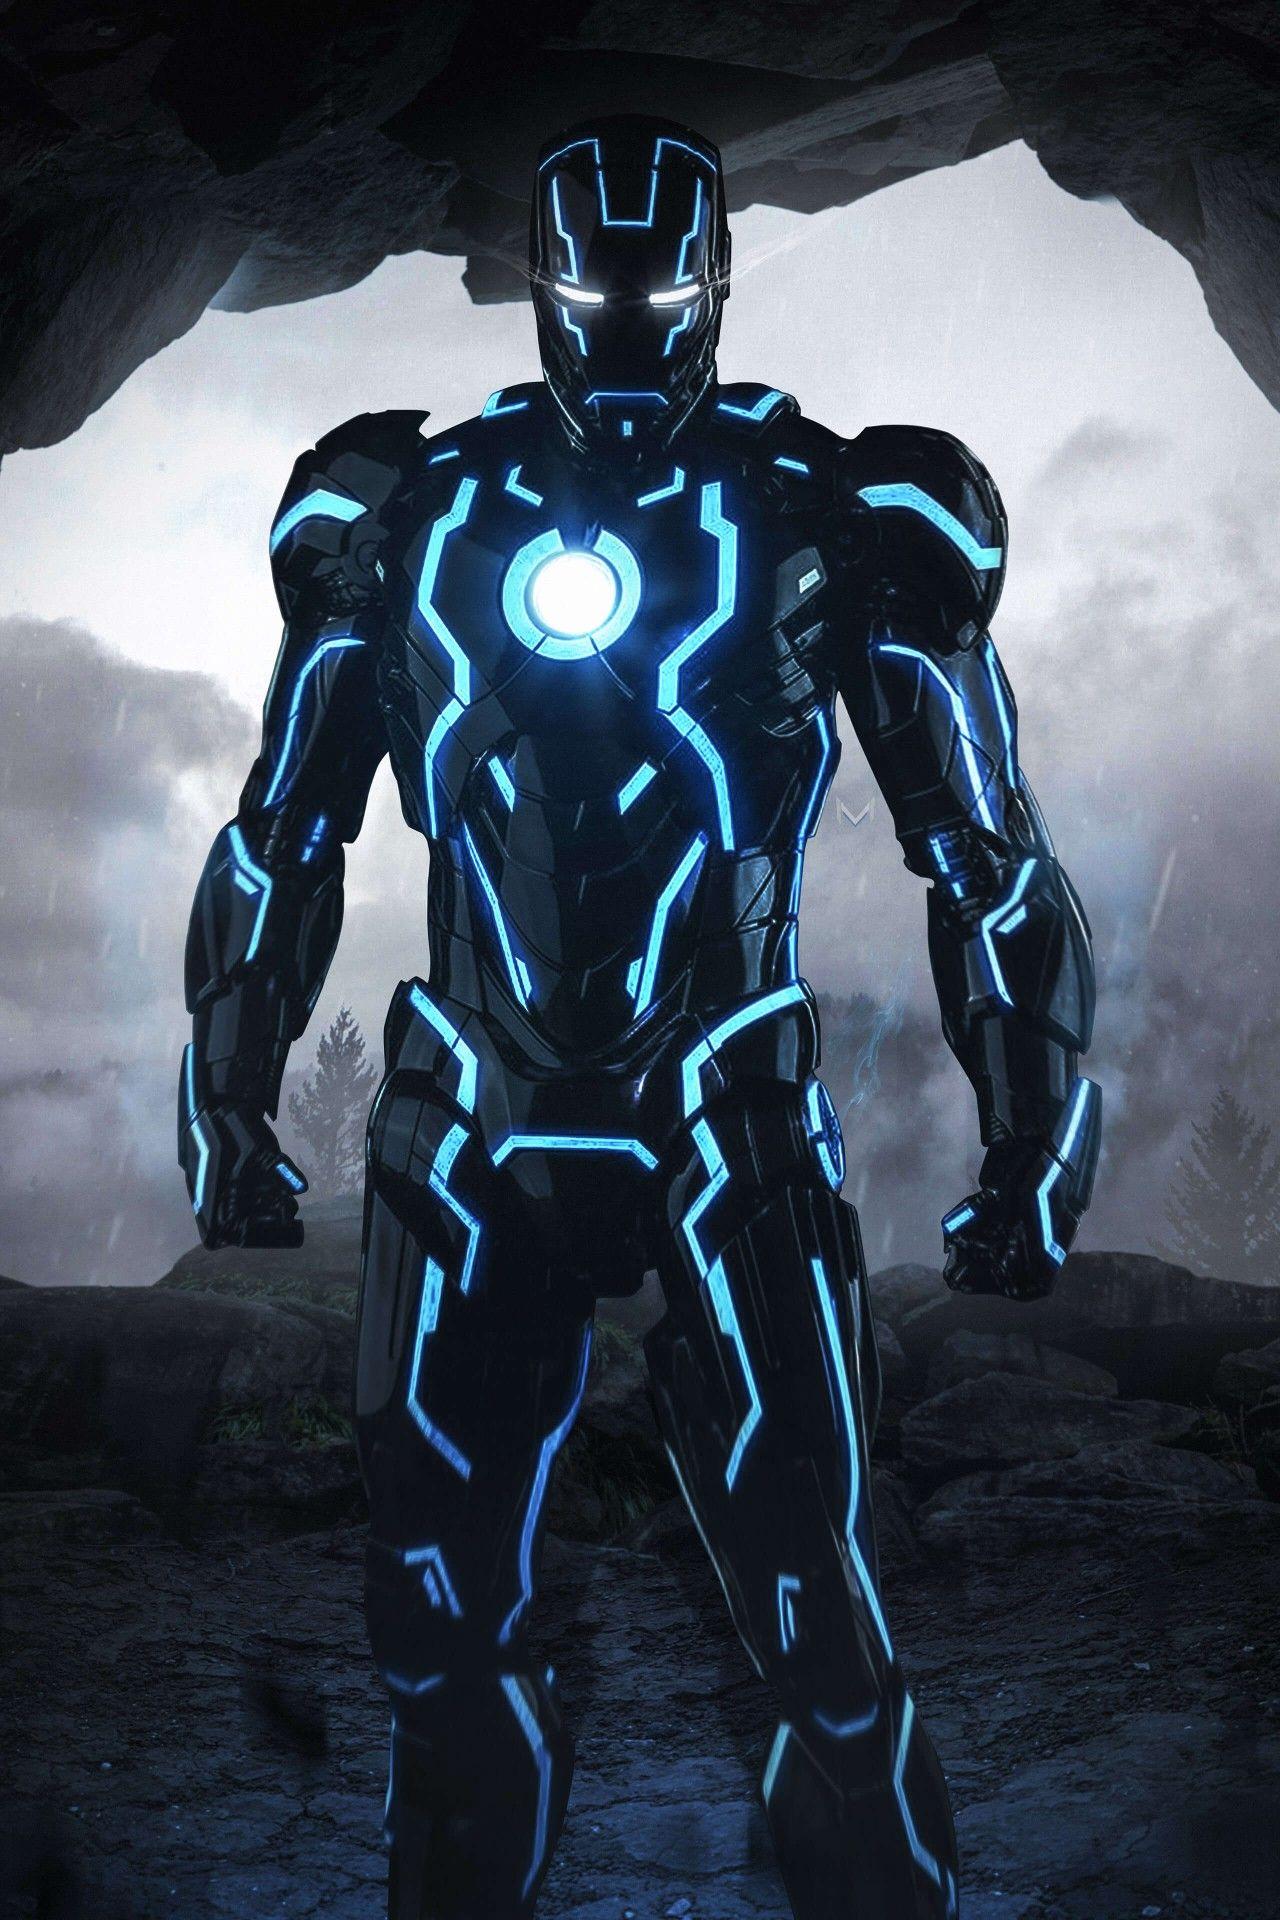 Ironman hd ironman fhd iroman fondos arte de marvel - Fondos de pantalla de iron man en 3d ...